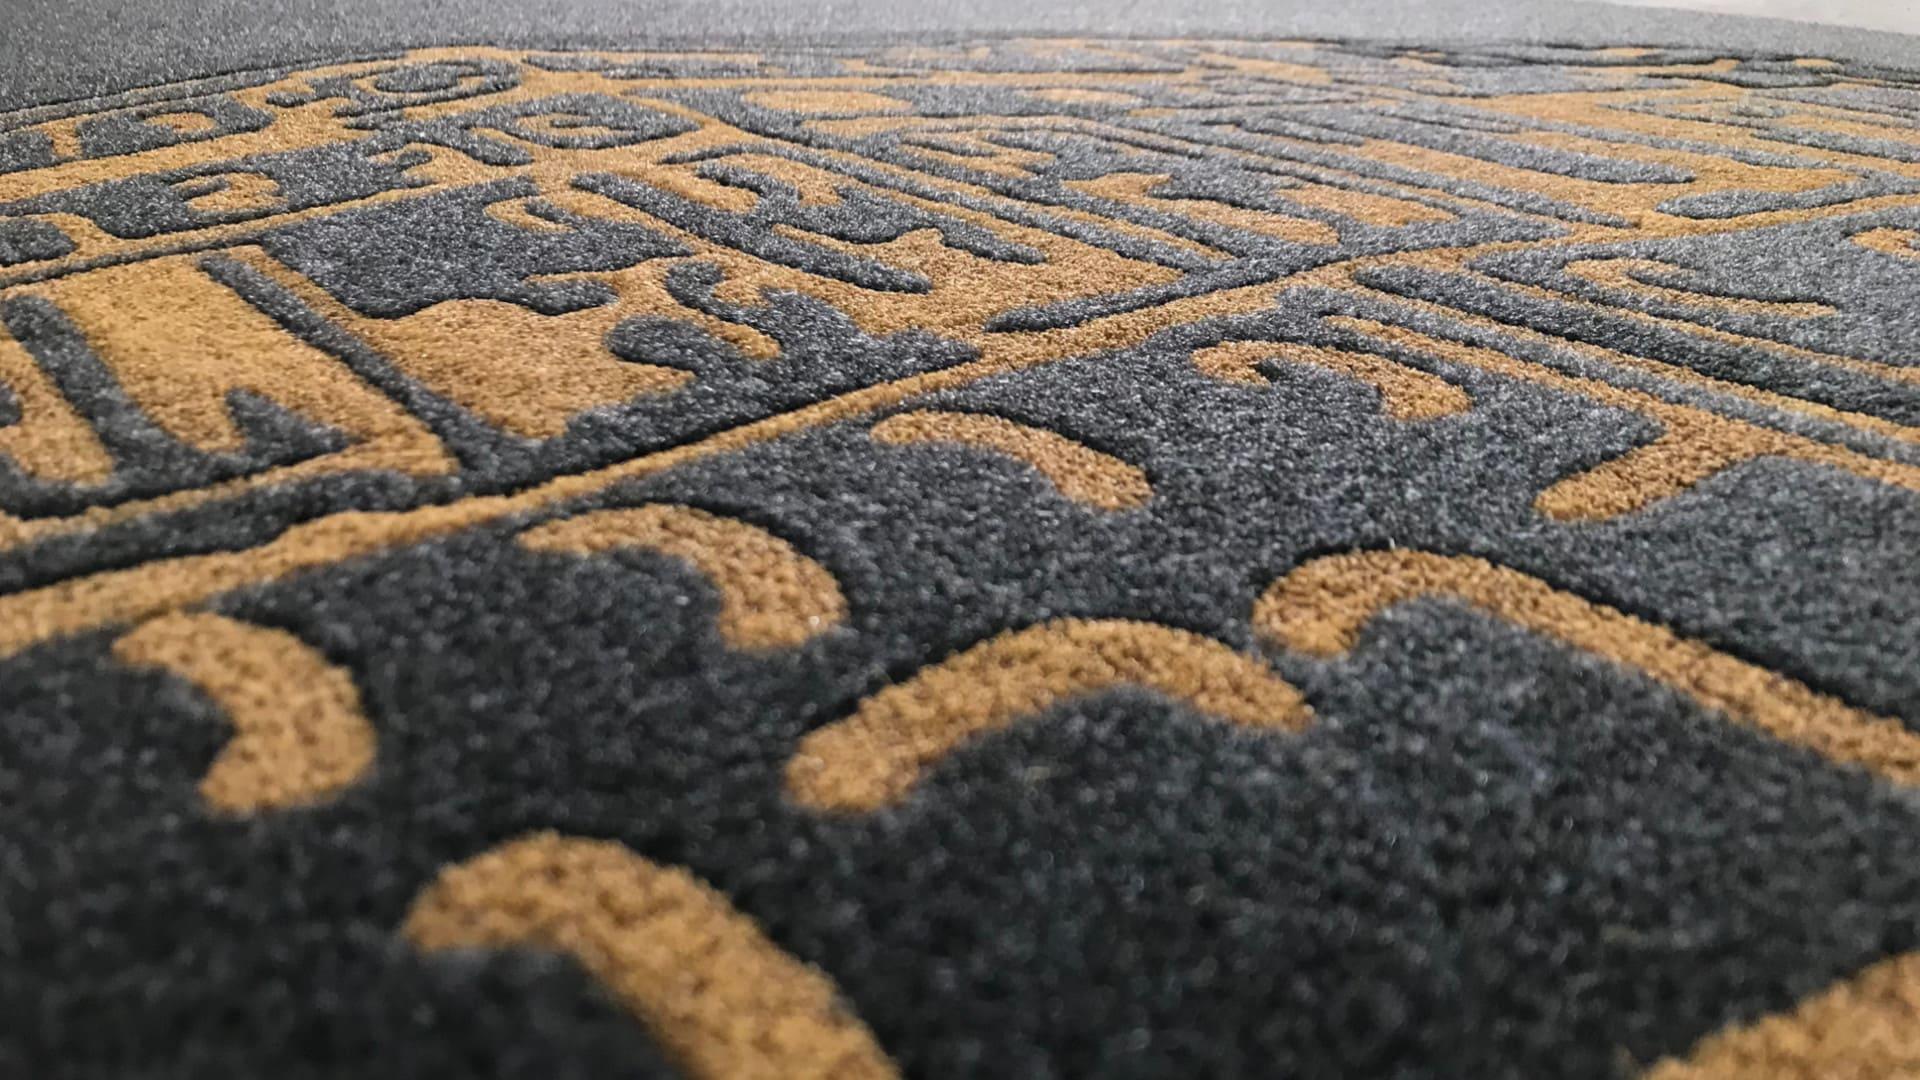 Dettaglio intarsio tappeti personalizzati MADO Group - Tappeti personalizzati con effetto rilievo